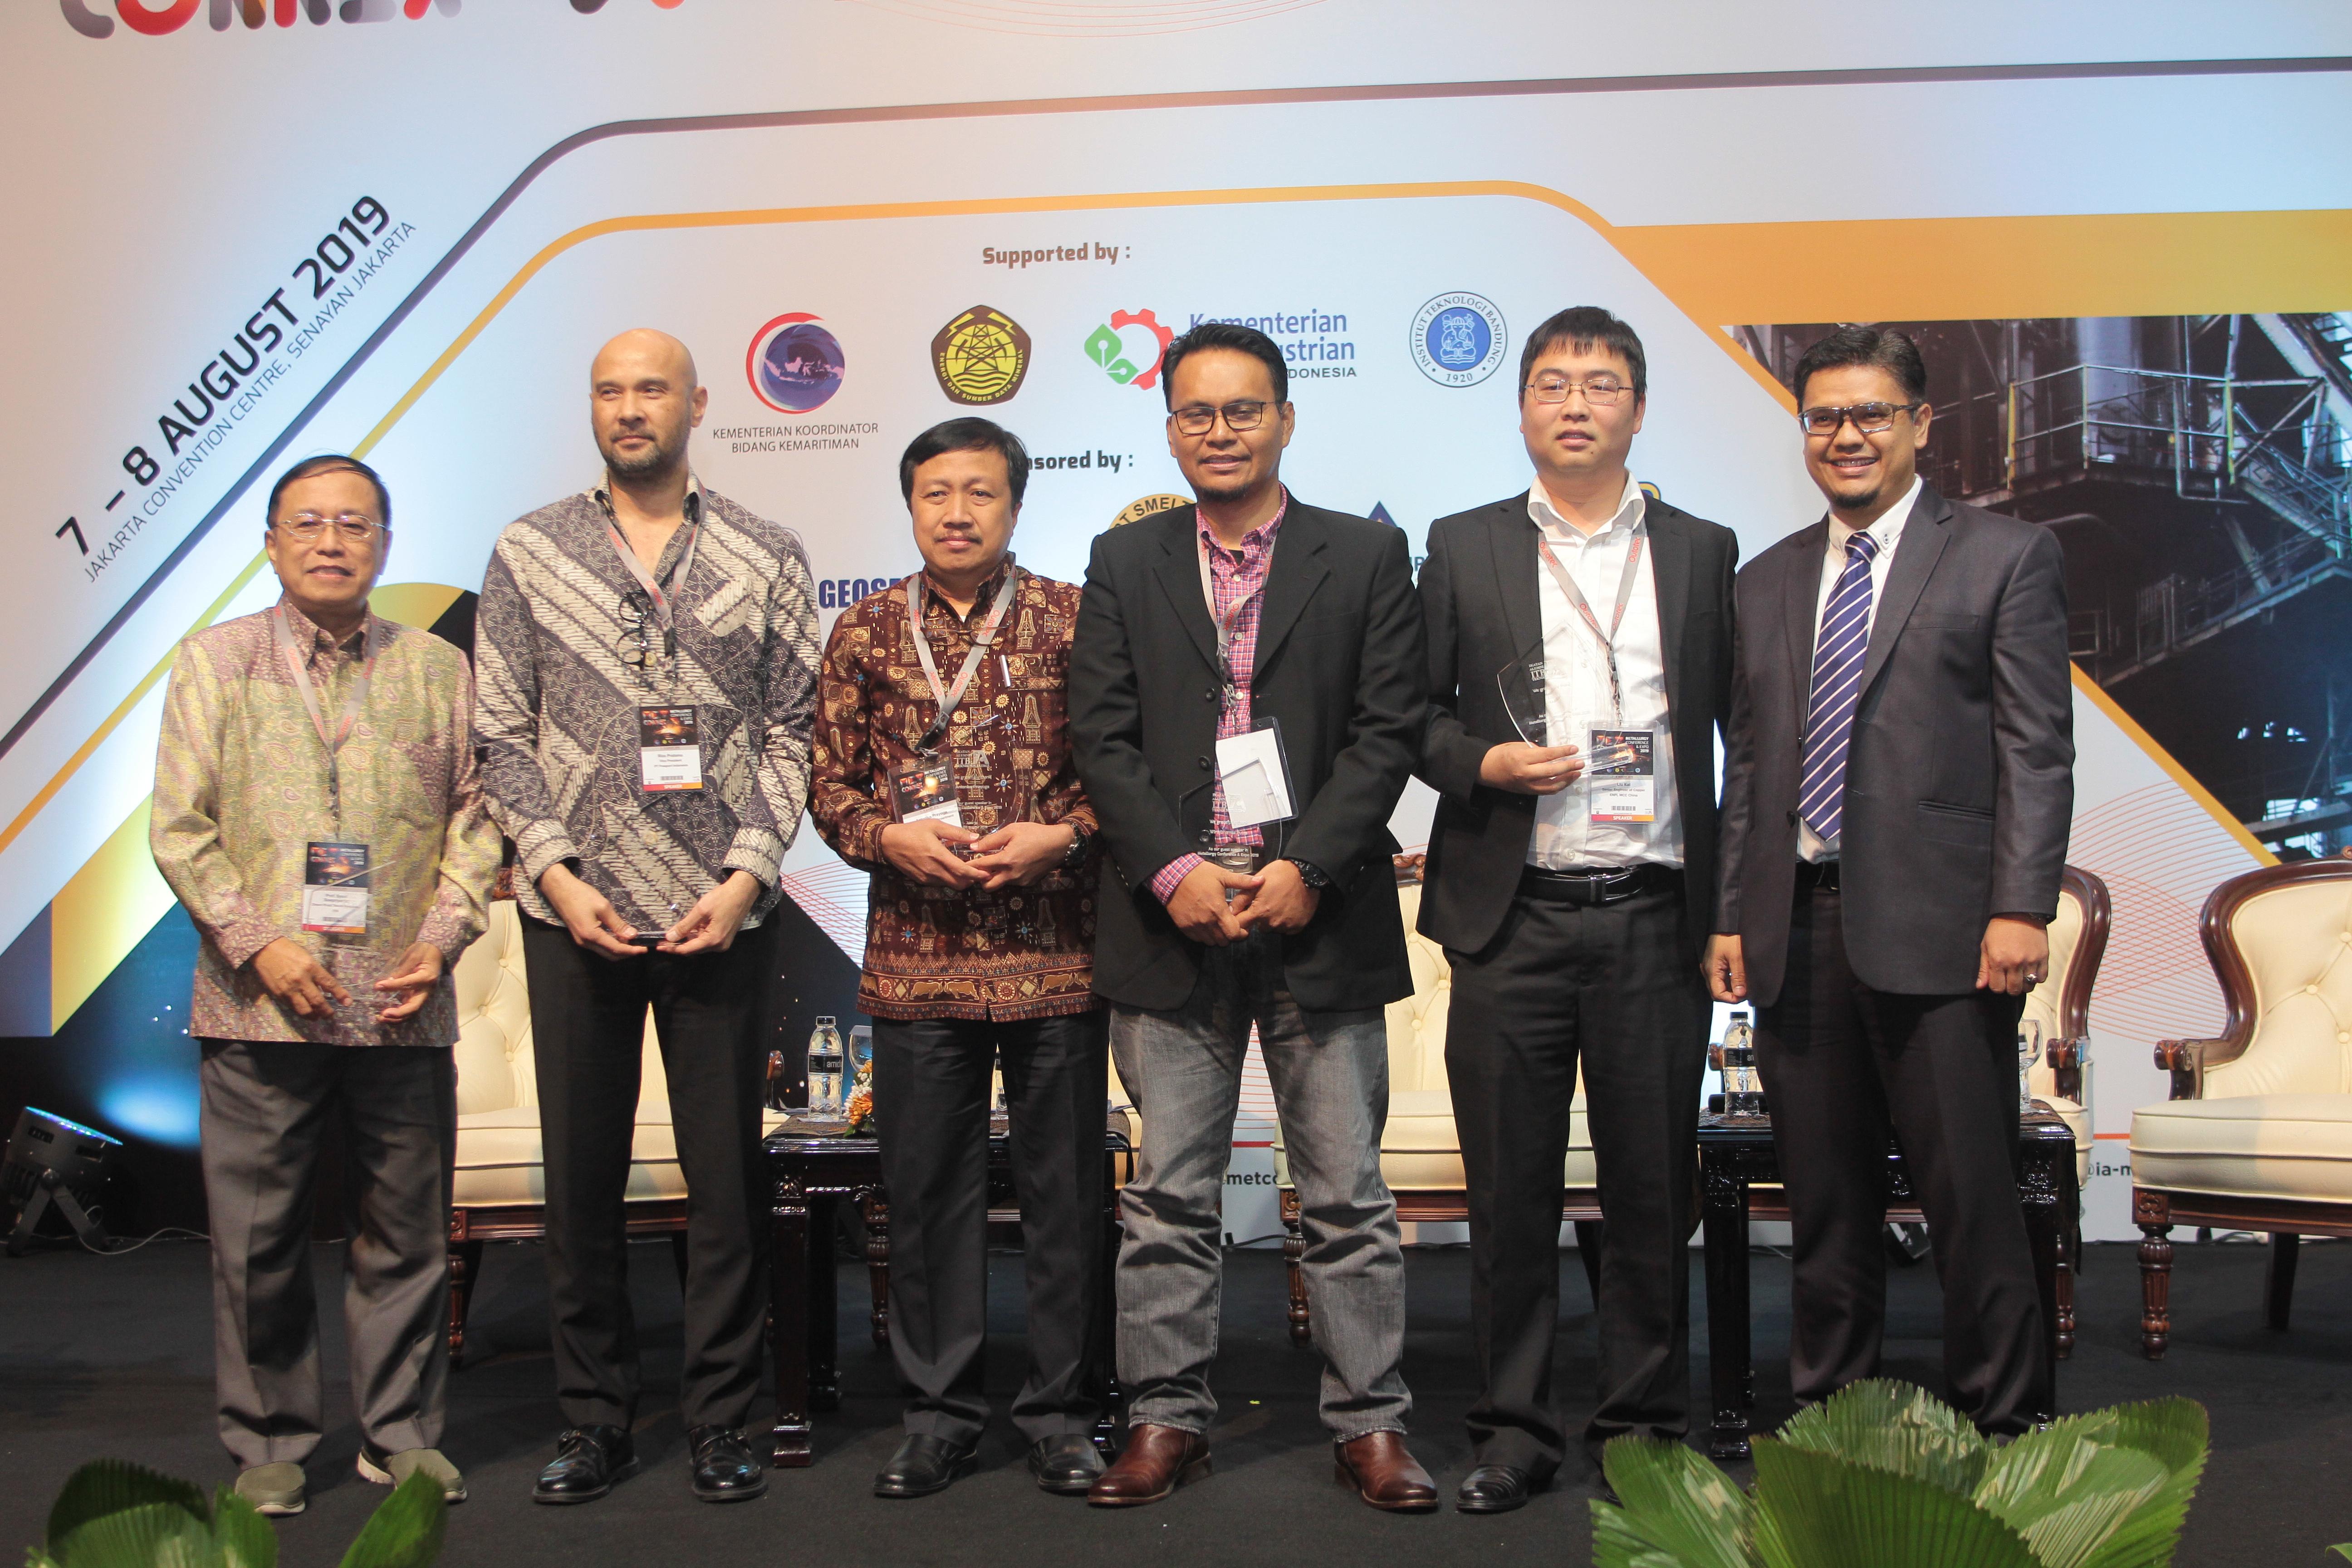 Conference Delegate